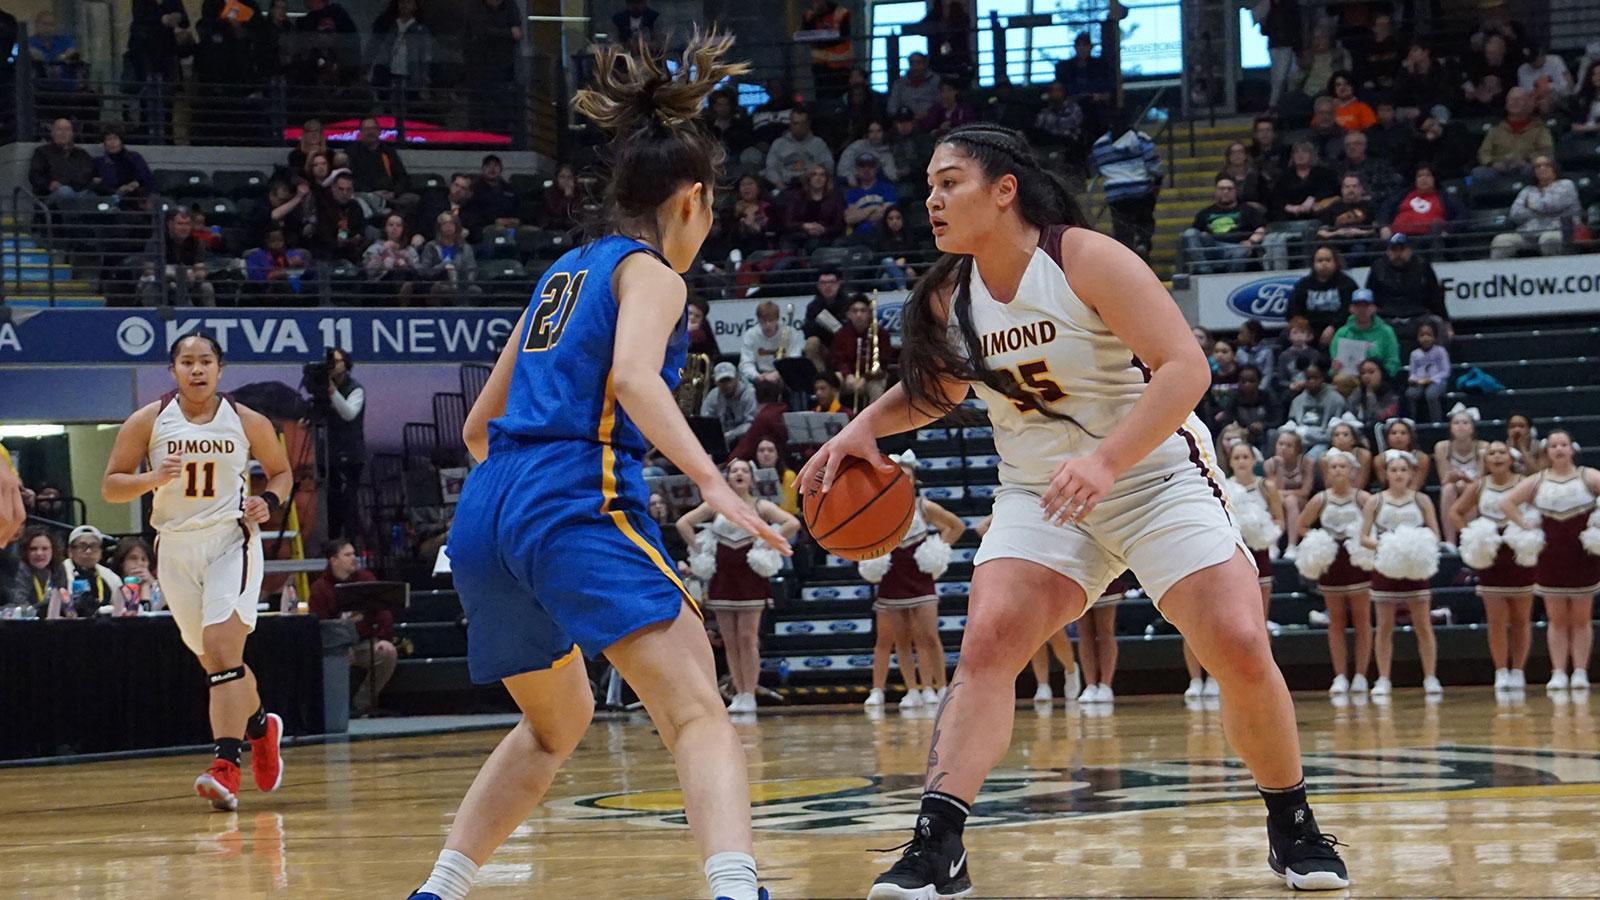 4A Girls Basketball